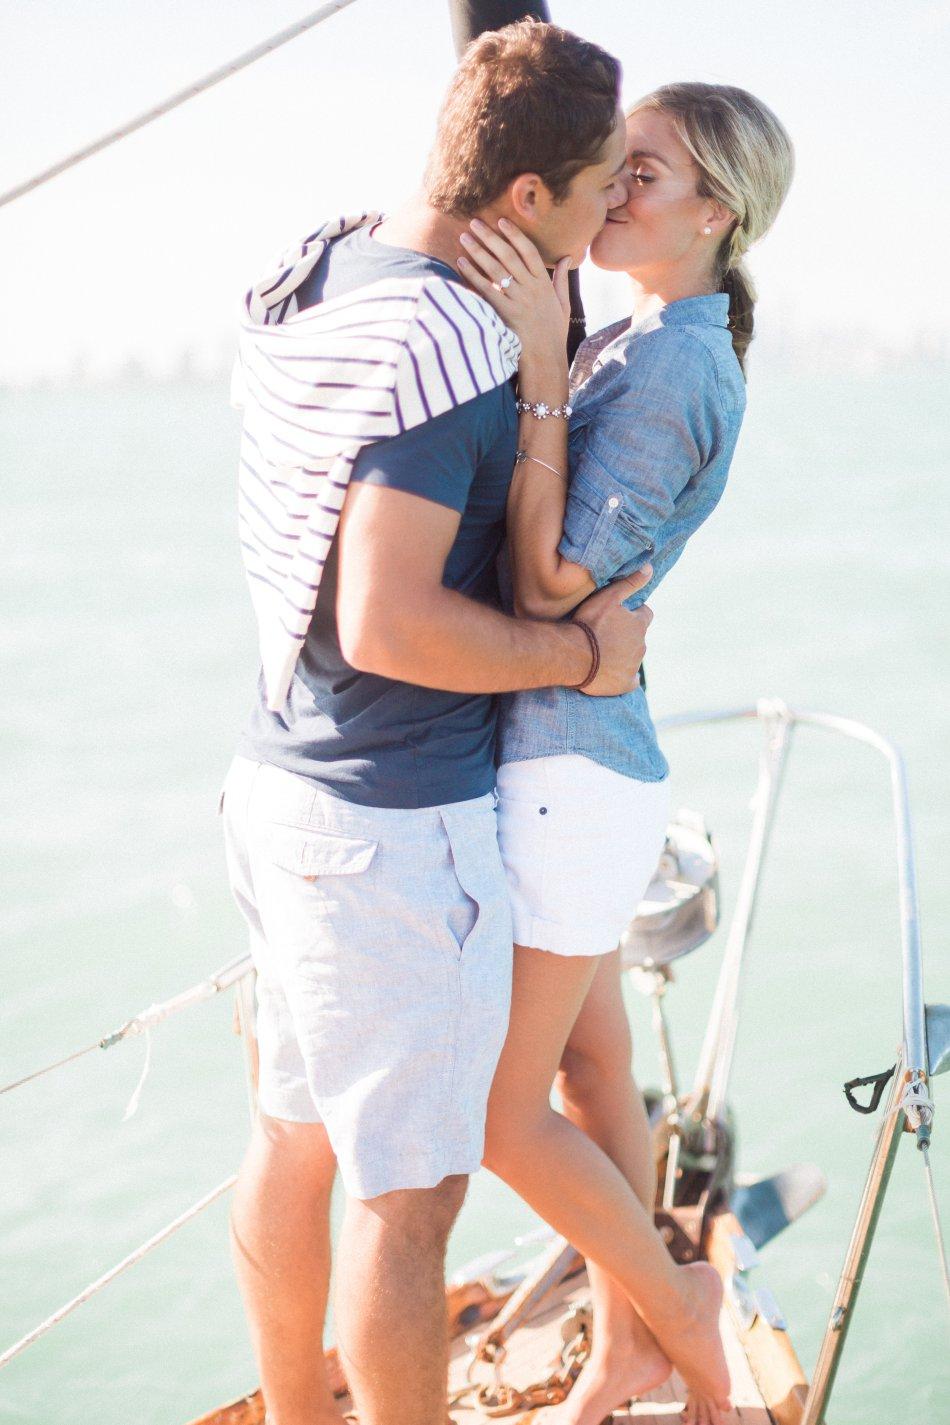 naples-luxury-sailing-engagement-photography-nautical-sailboat-engagement_1069.jpg